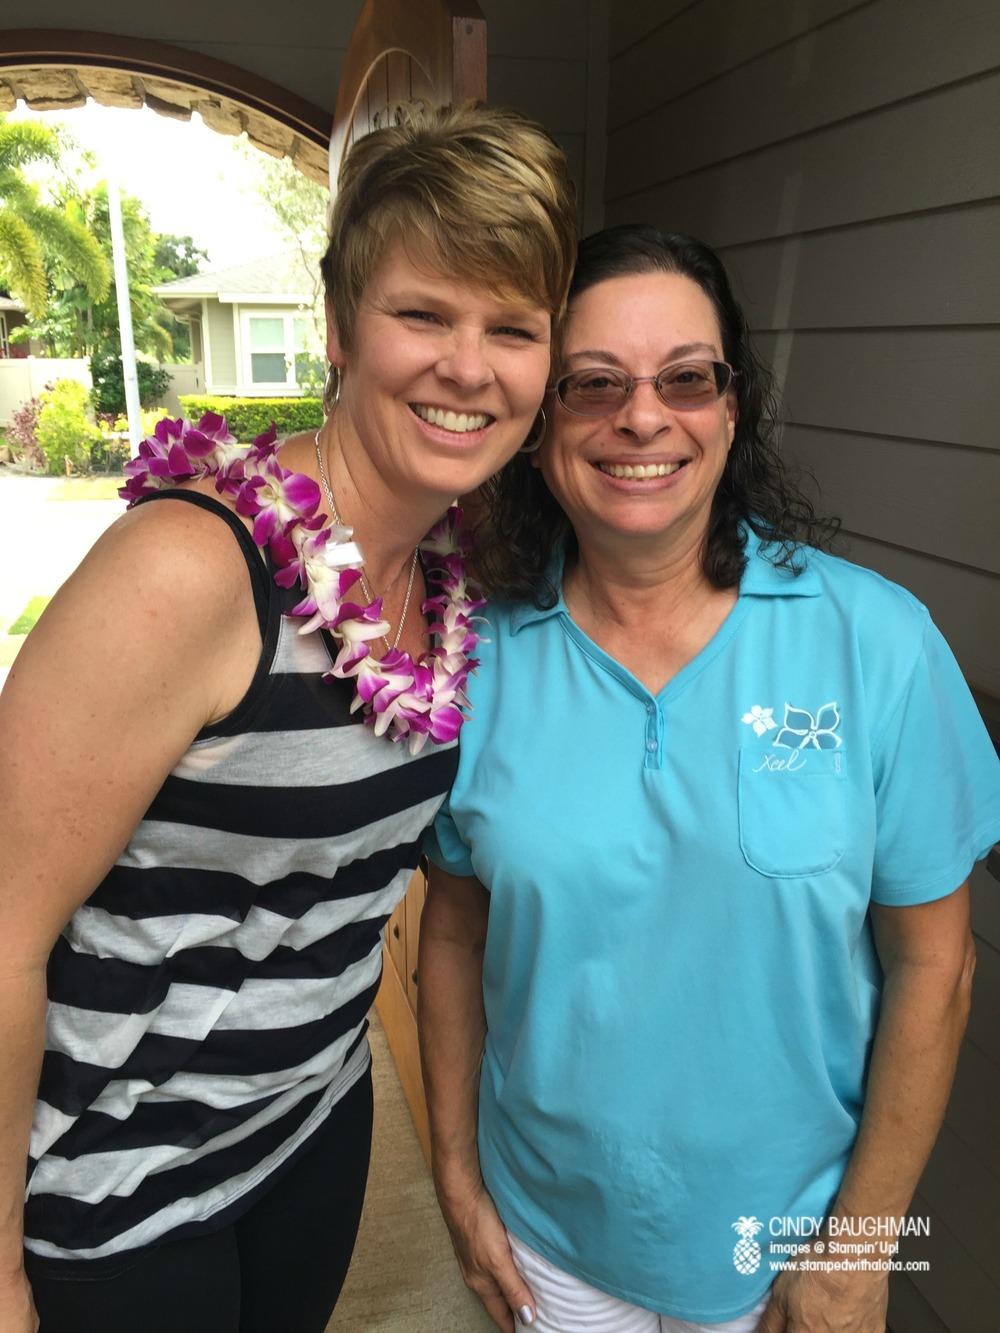 Lynn and her neighbor Derelyn